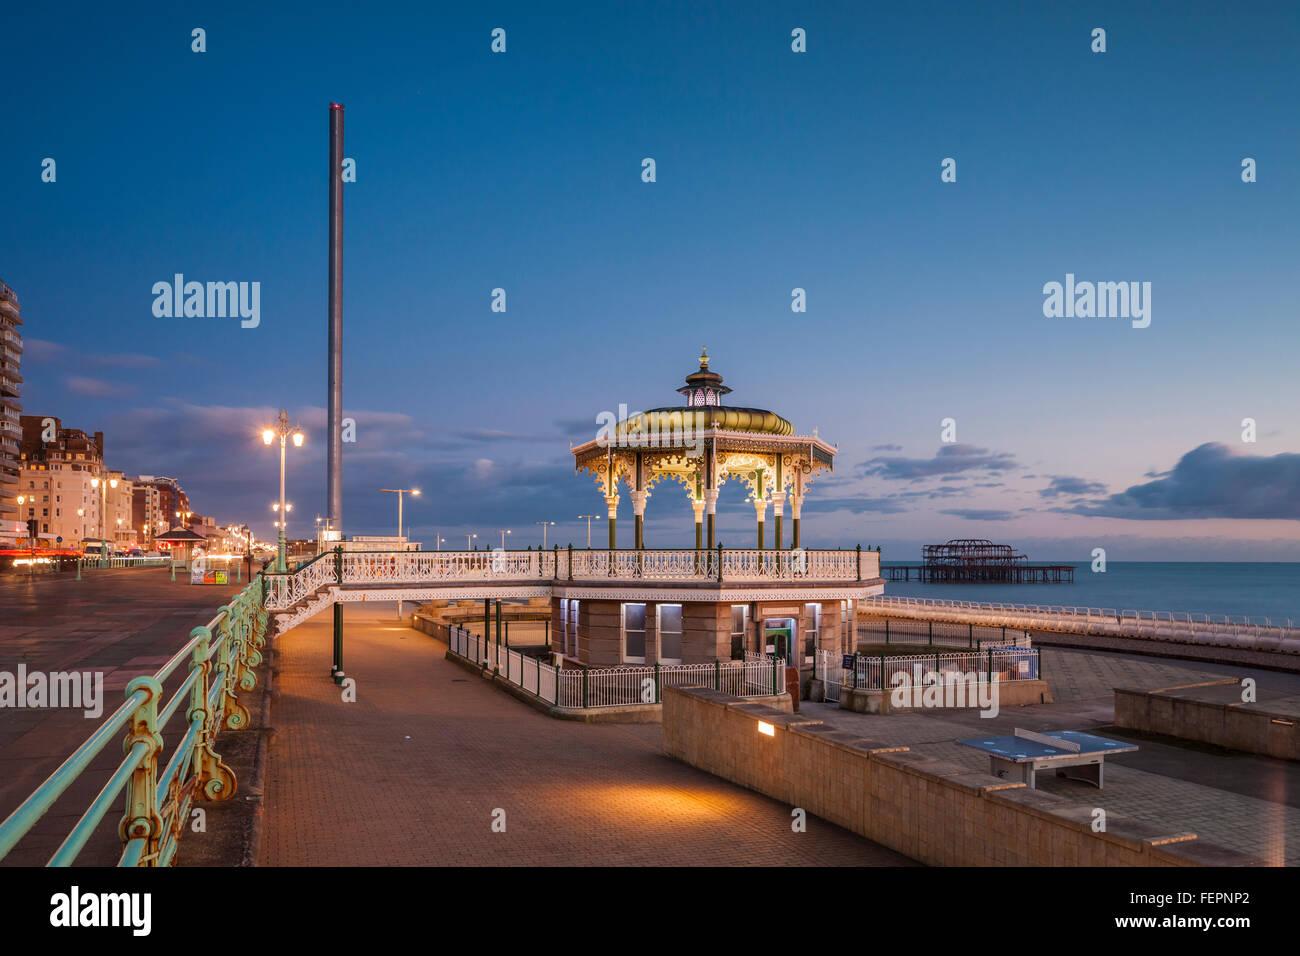 Serata al Bandstand sul lungomare di Brighton, East Sussex, Inghilterra. Immagini Stock